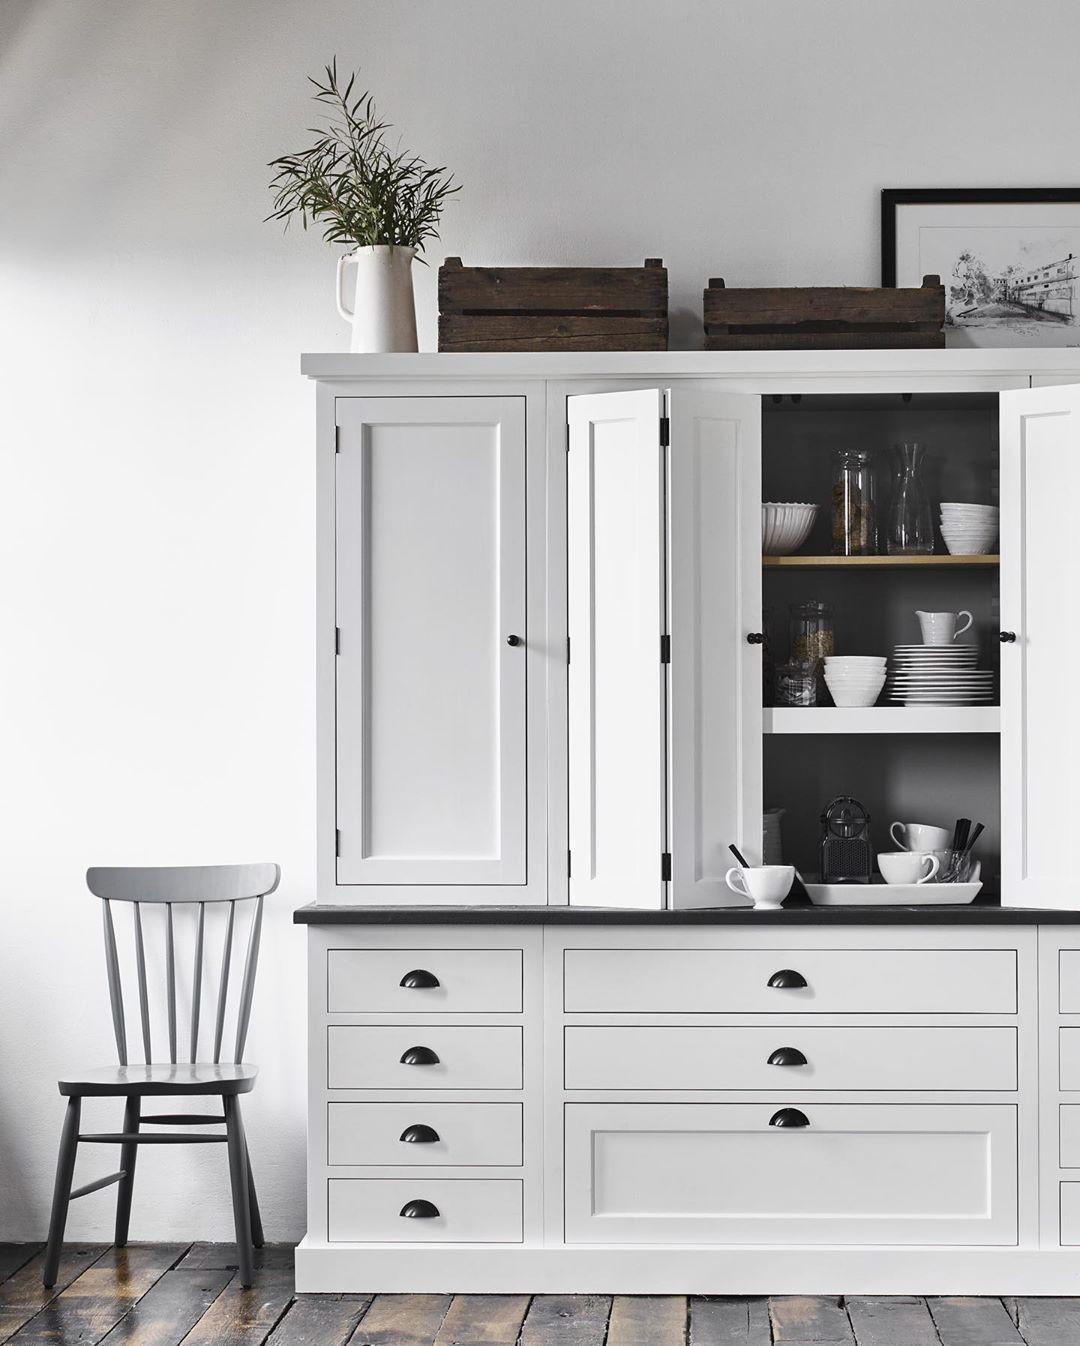 55 Minimalist Shaker Kitchen ideas For 2020